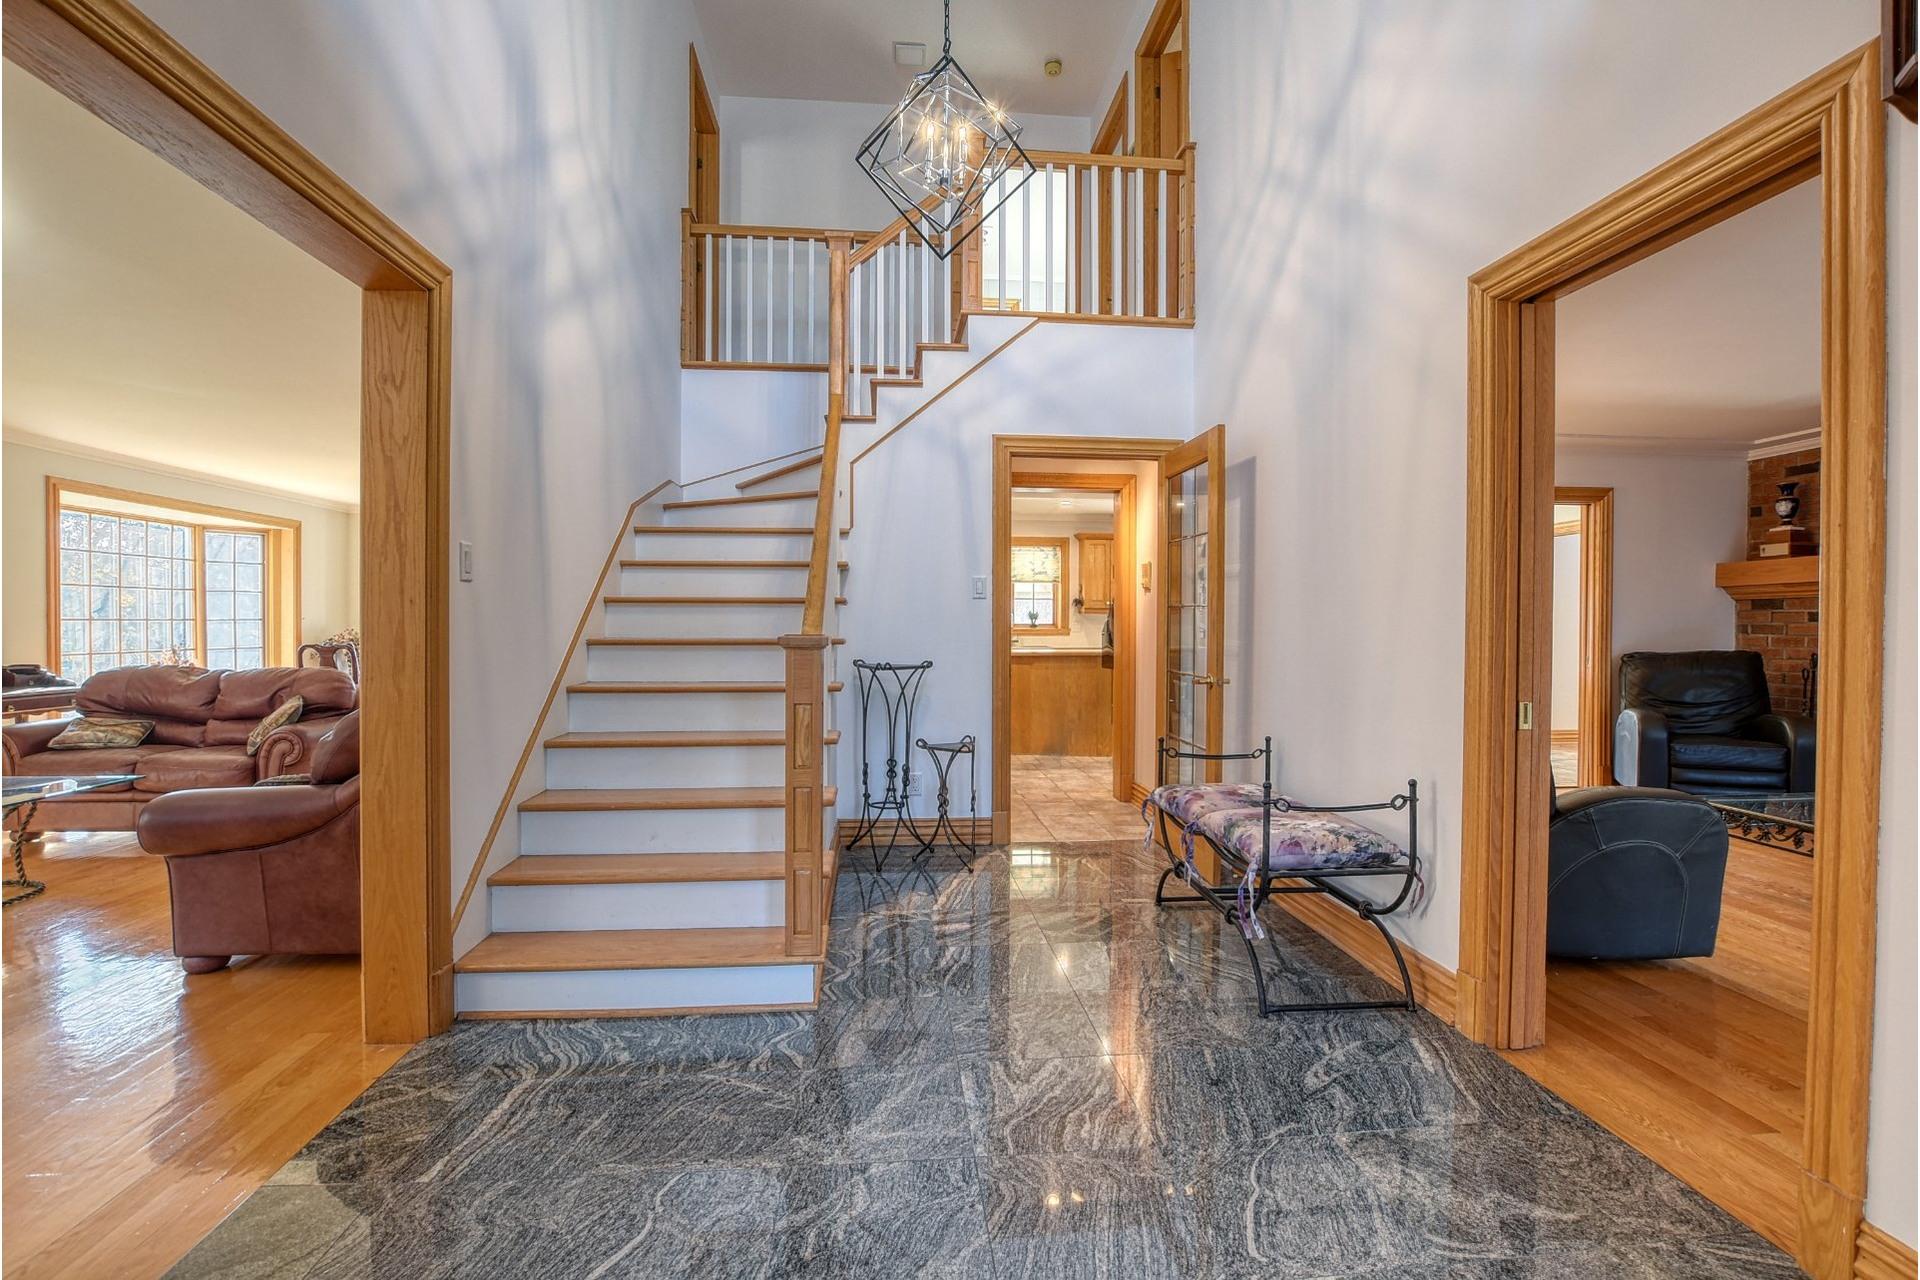 image 5 - House For sale Mont-Saint-Hilaire